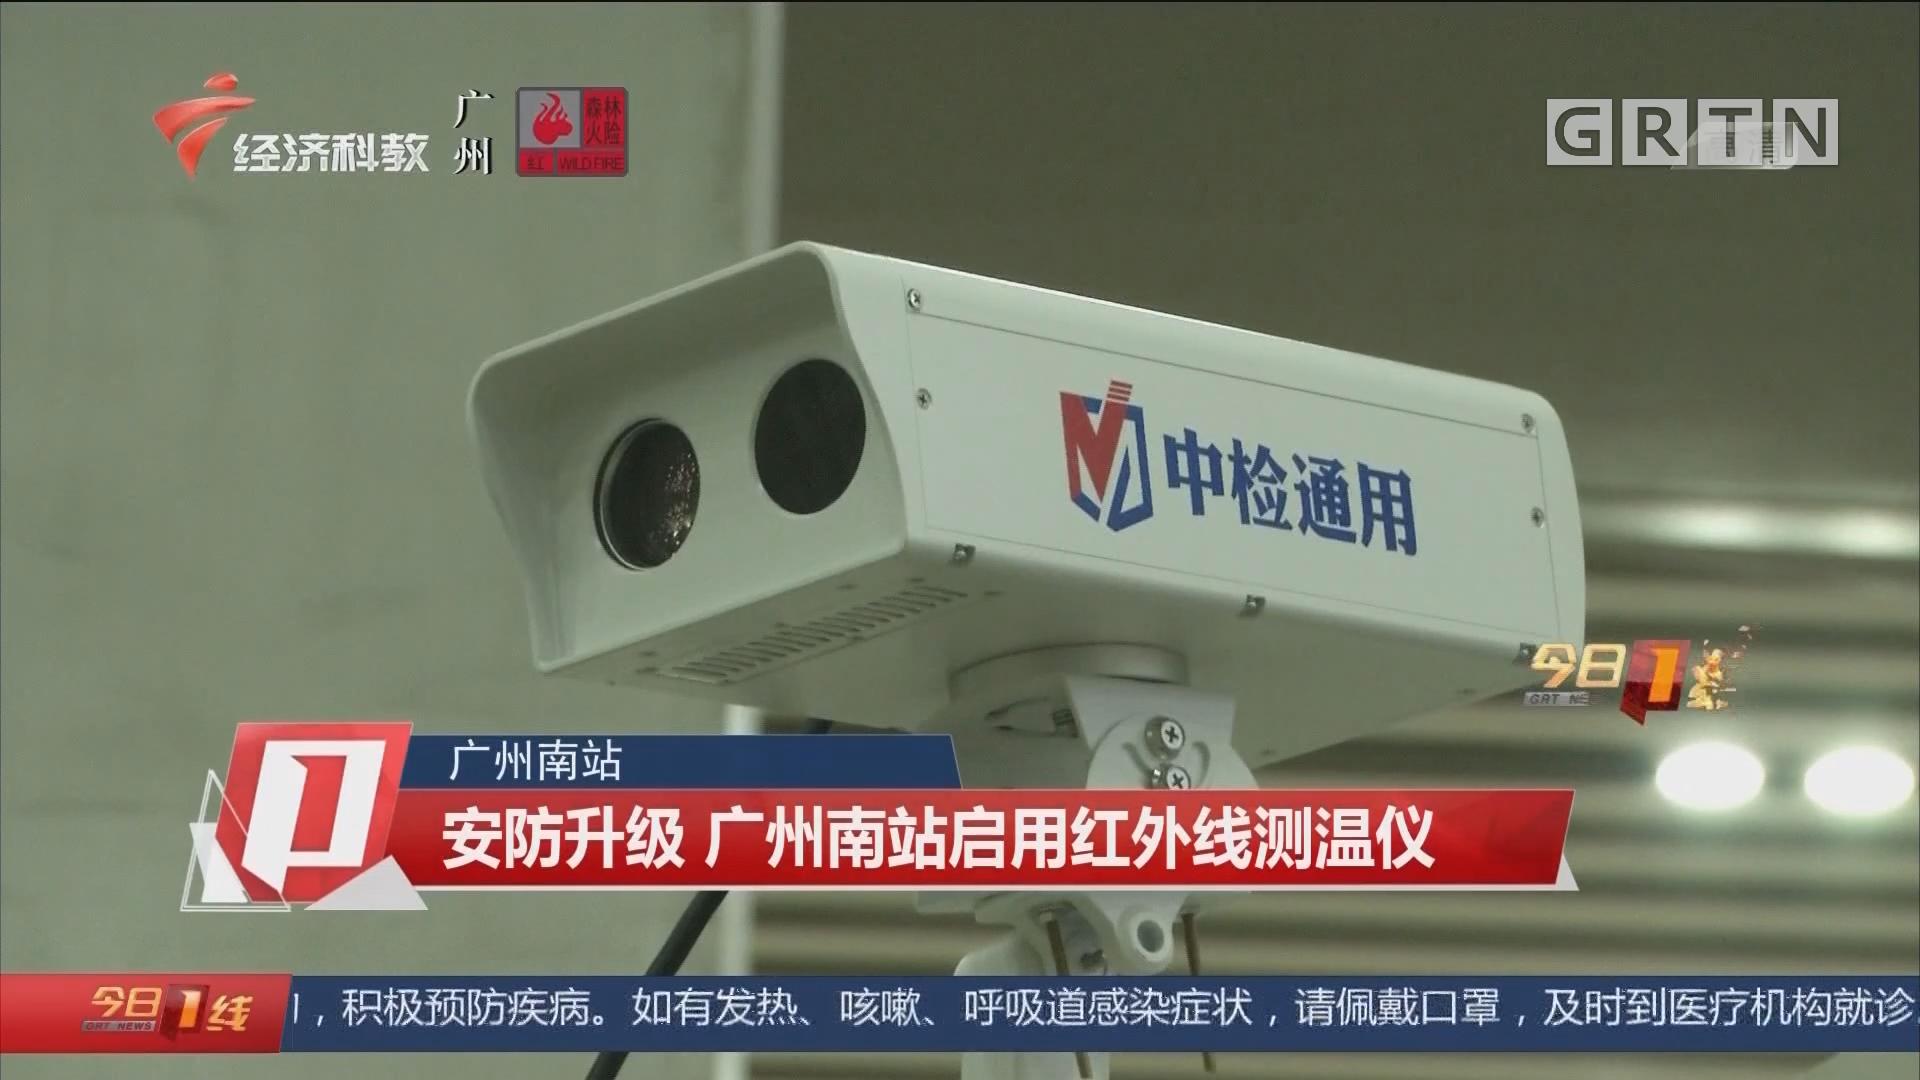 广州南站 安防升级 广州南站启用红外线测温仪